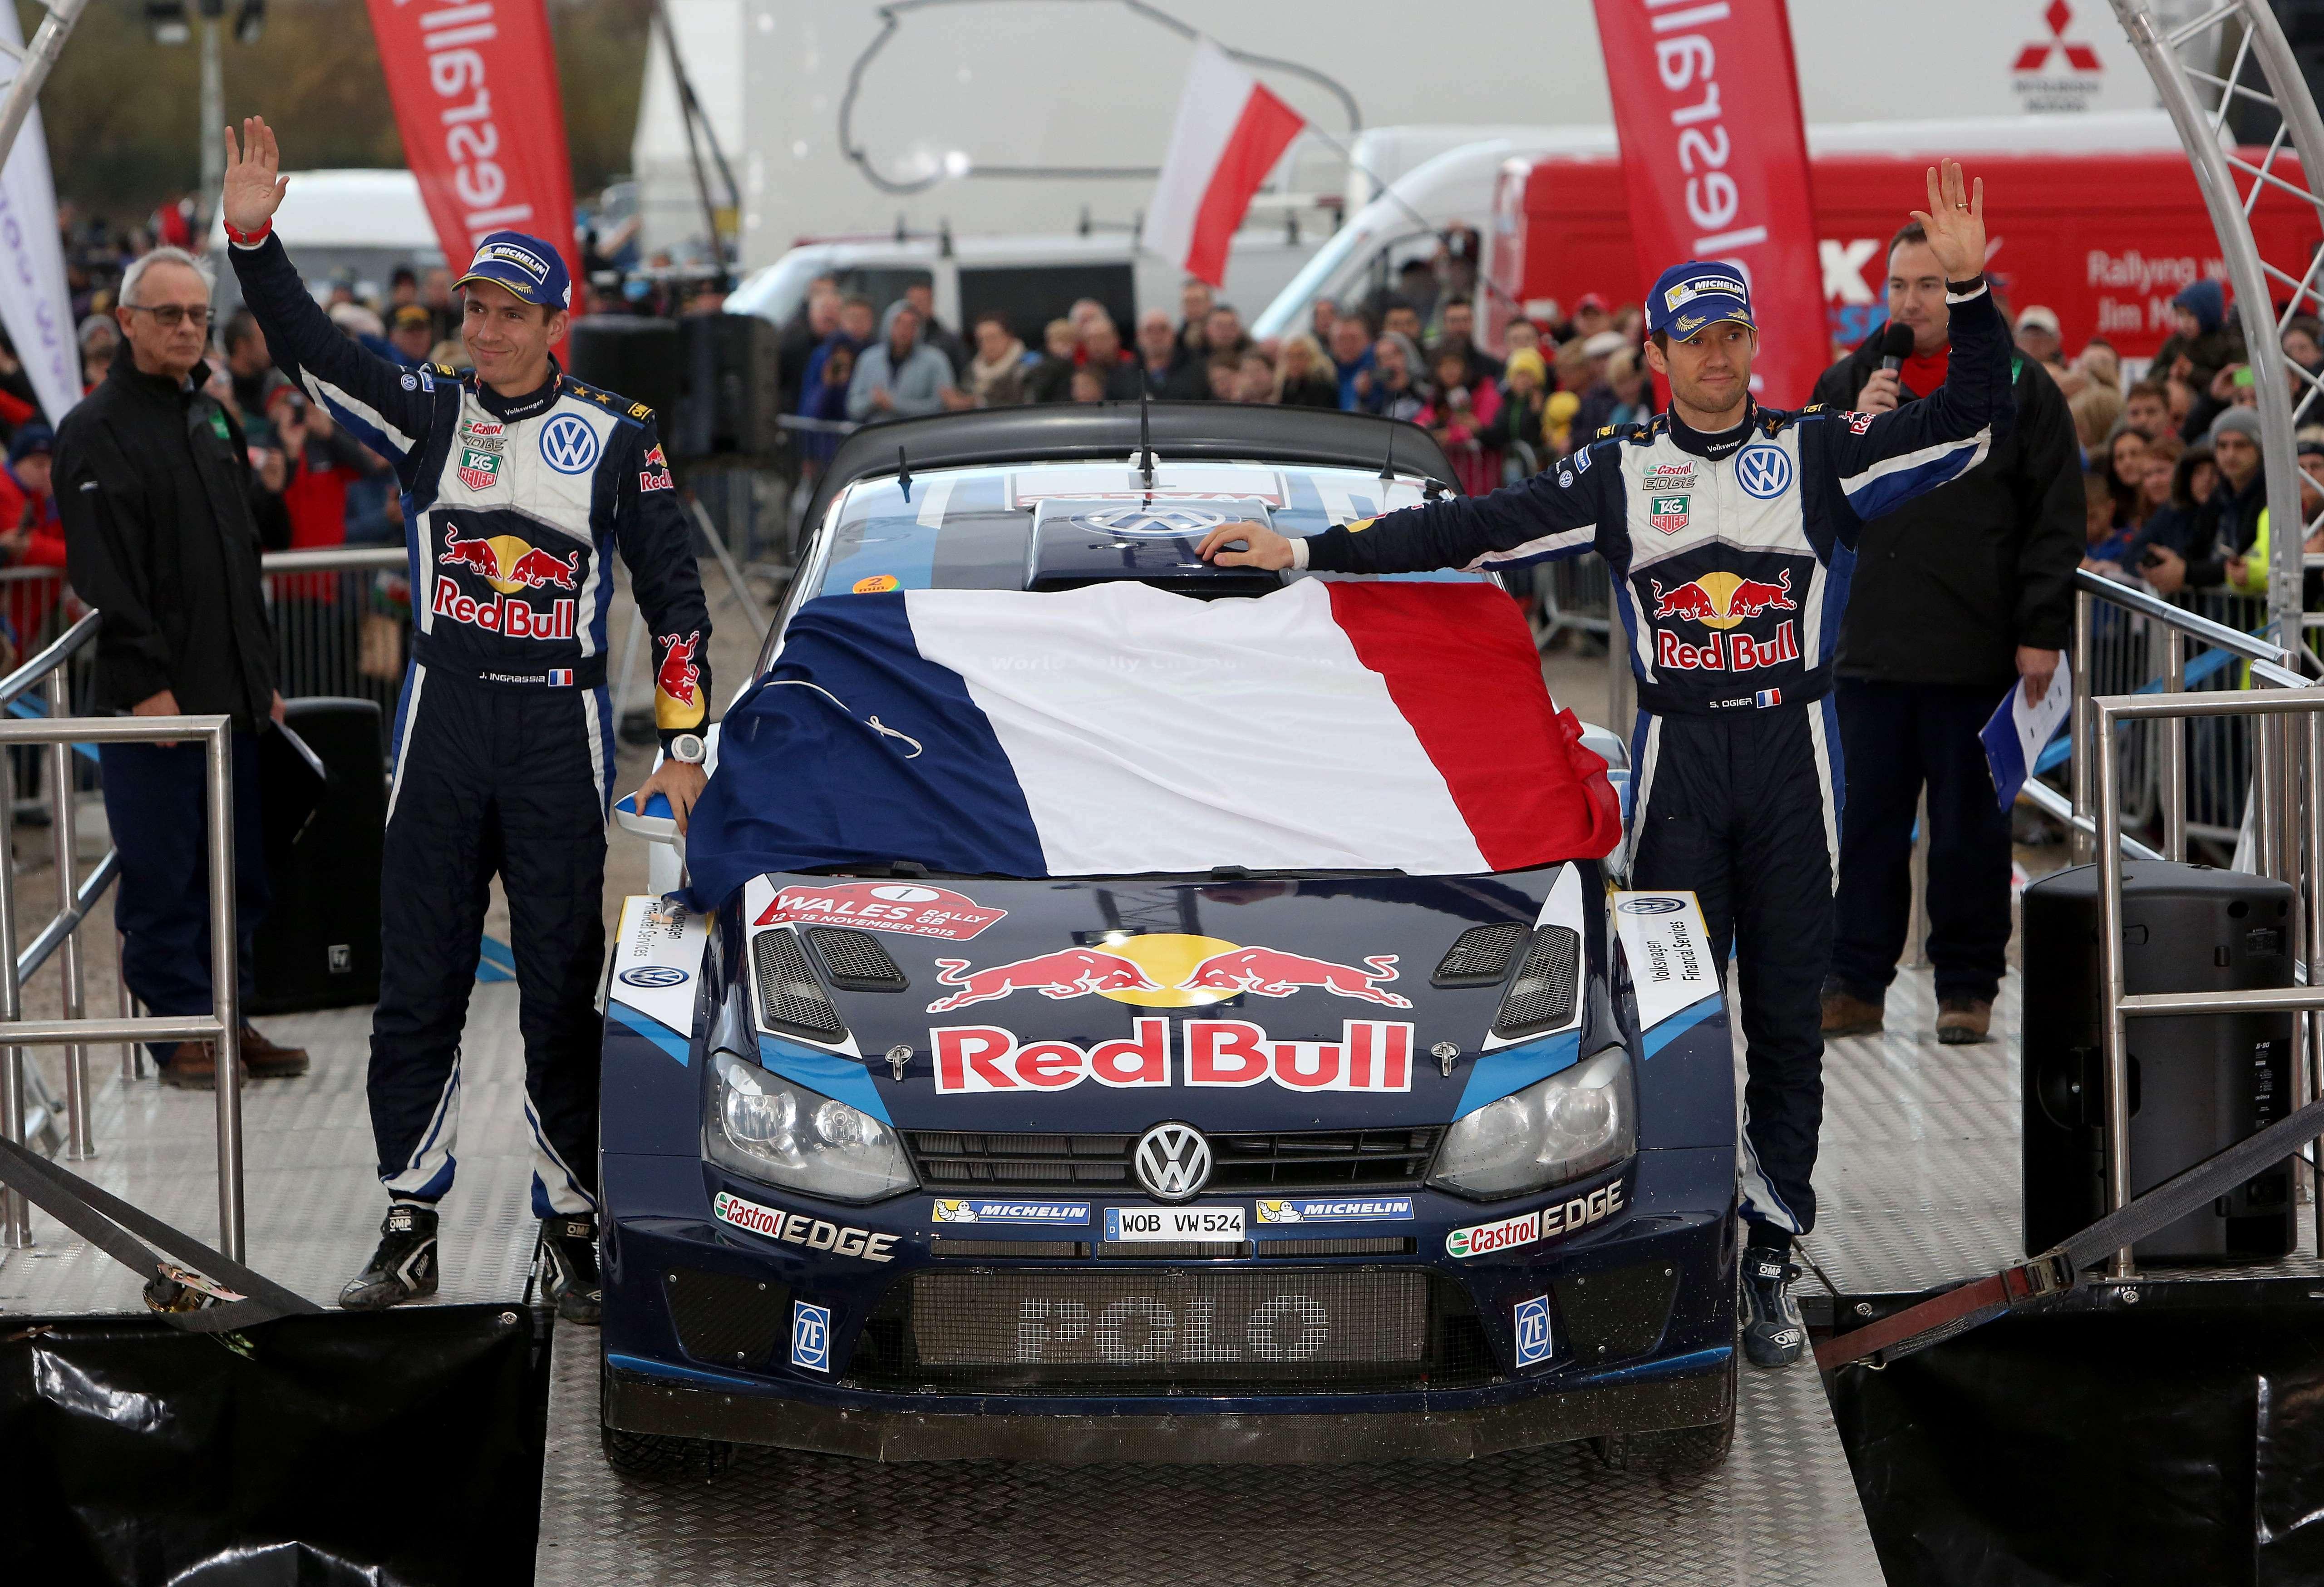 Rallye - Ogier, un succ�s en hommage aux victimes du 13 novembre